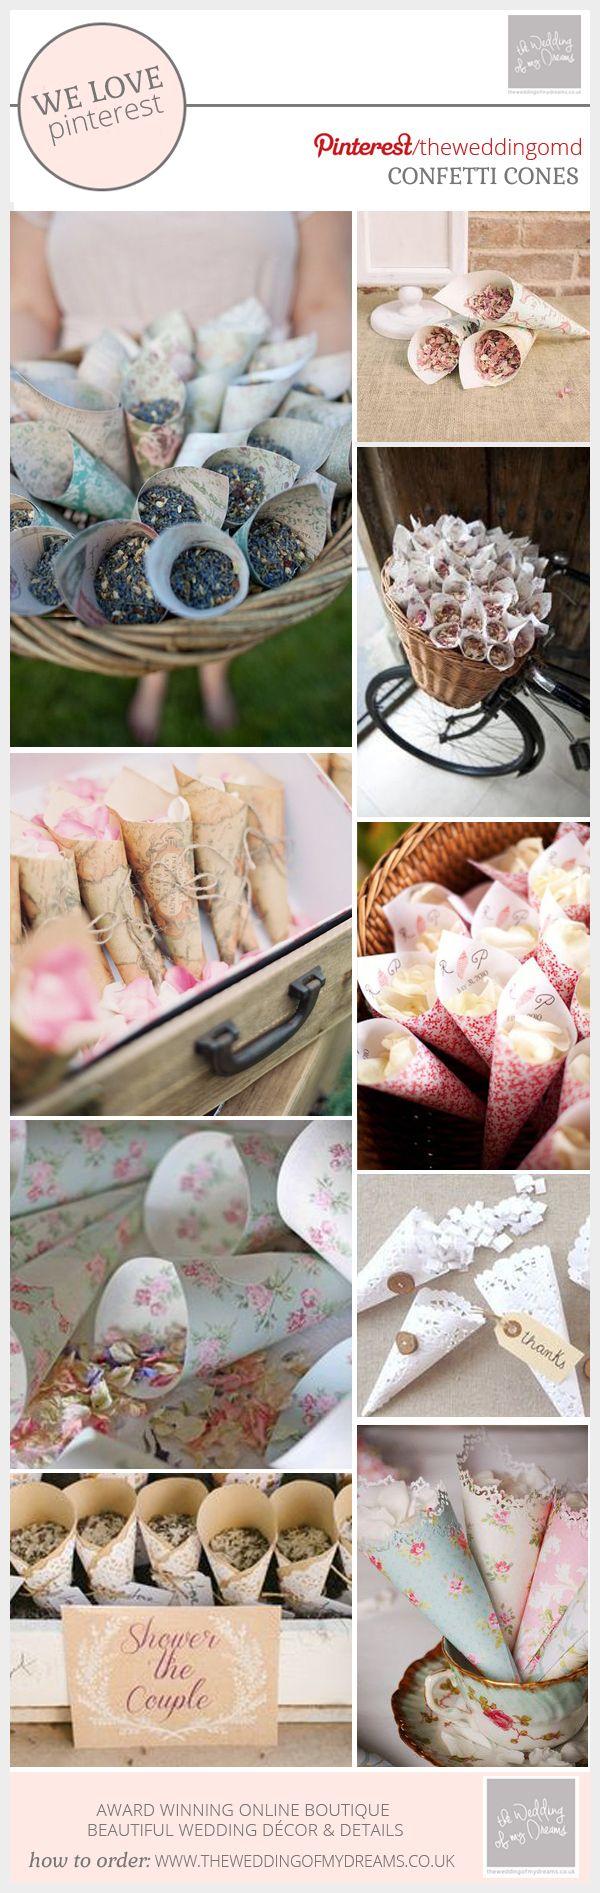 Paper Confetti Cone Ideas For Weddings